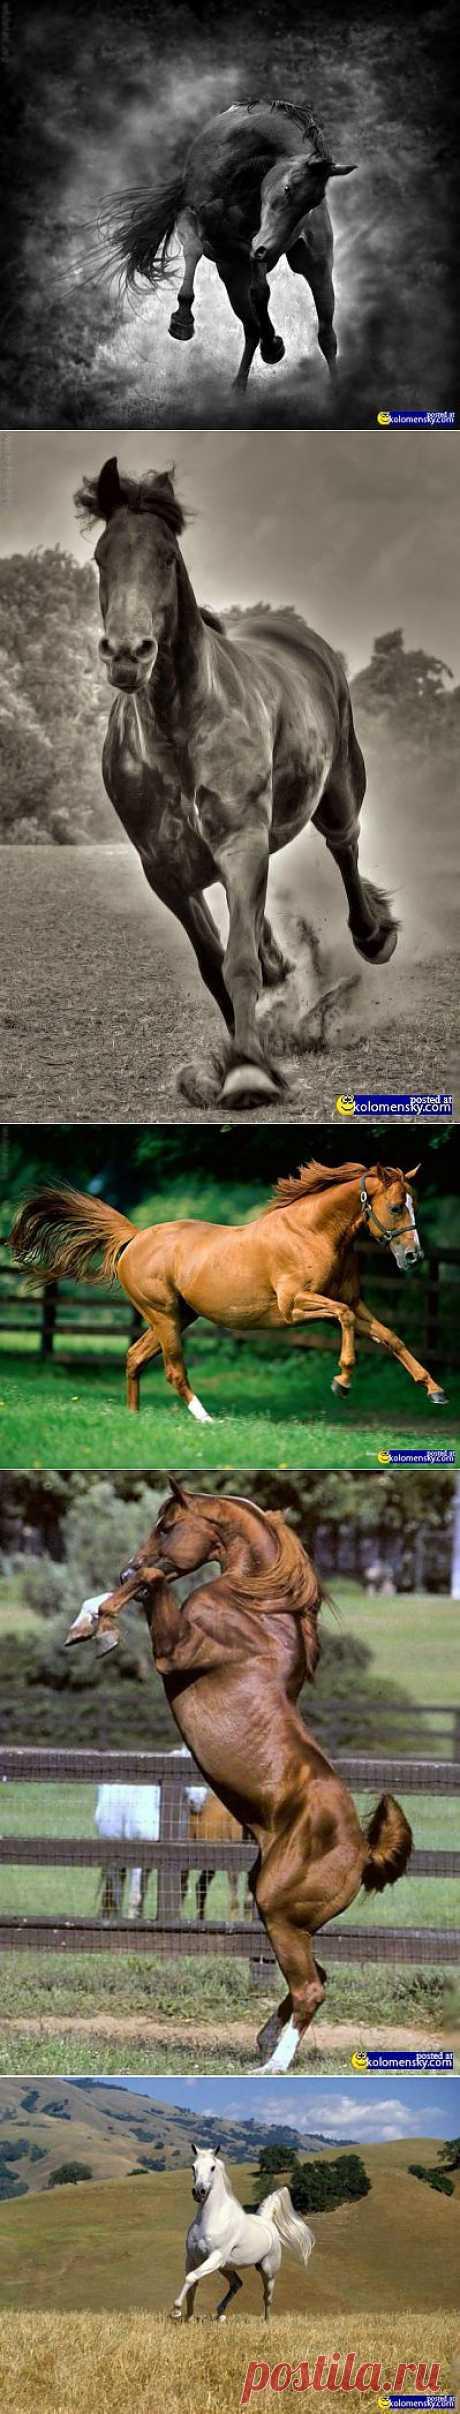 Кони and лошади 100 фото -3 часть » Cайт для друзей: картинки, приколы, фото | kolomensky.com | .